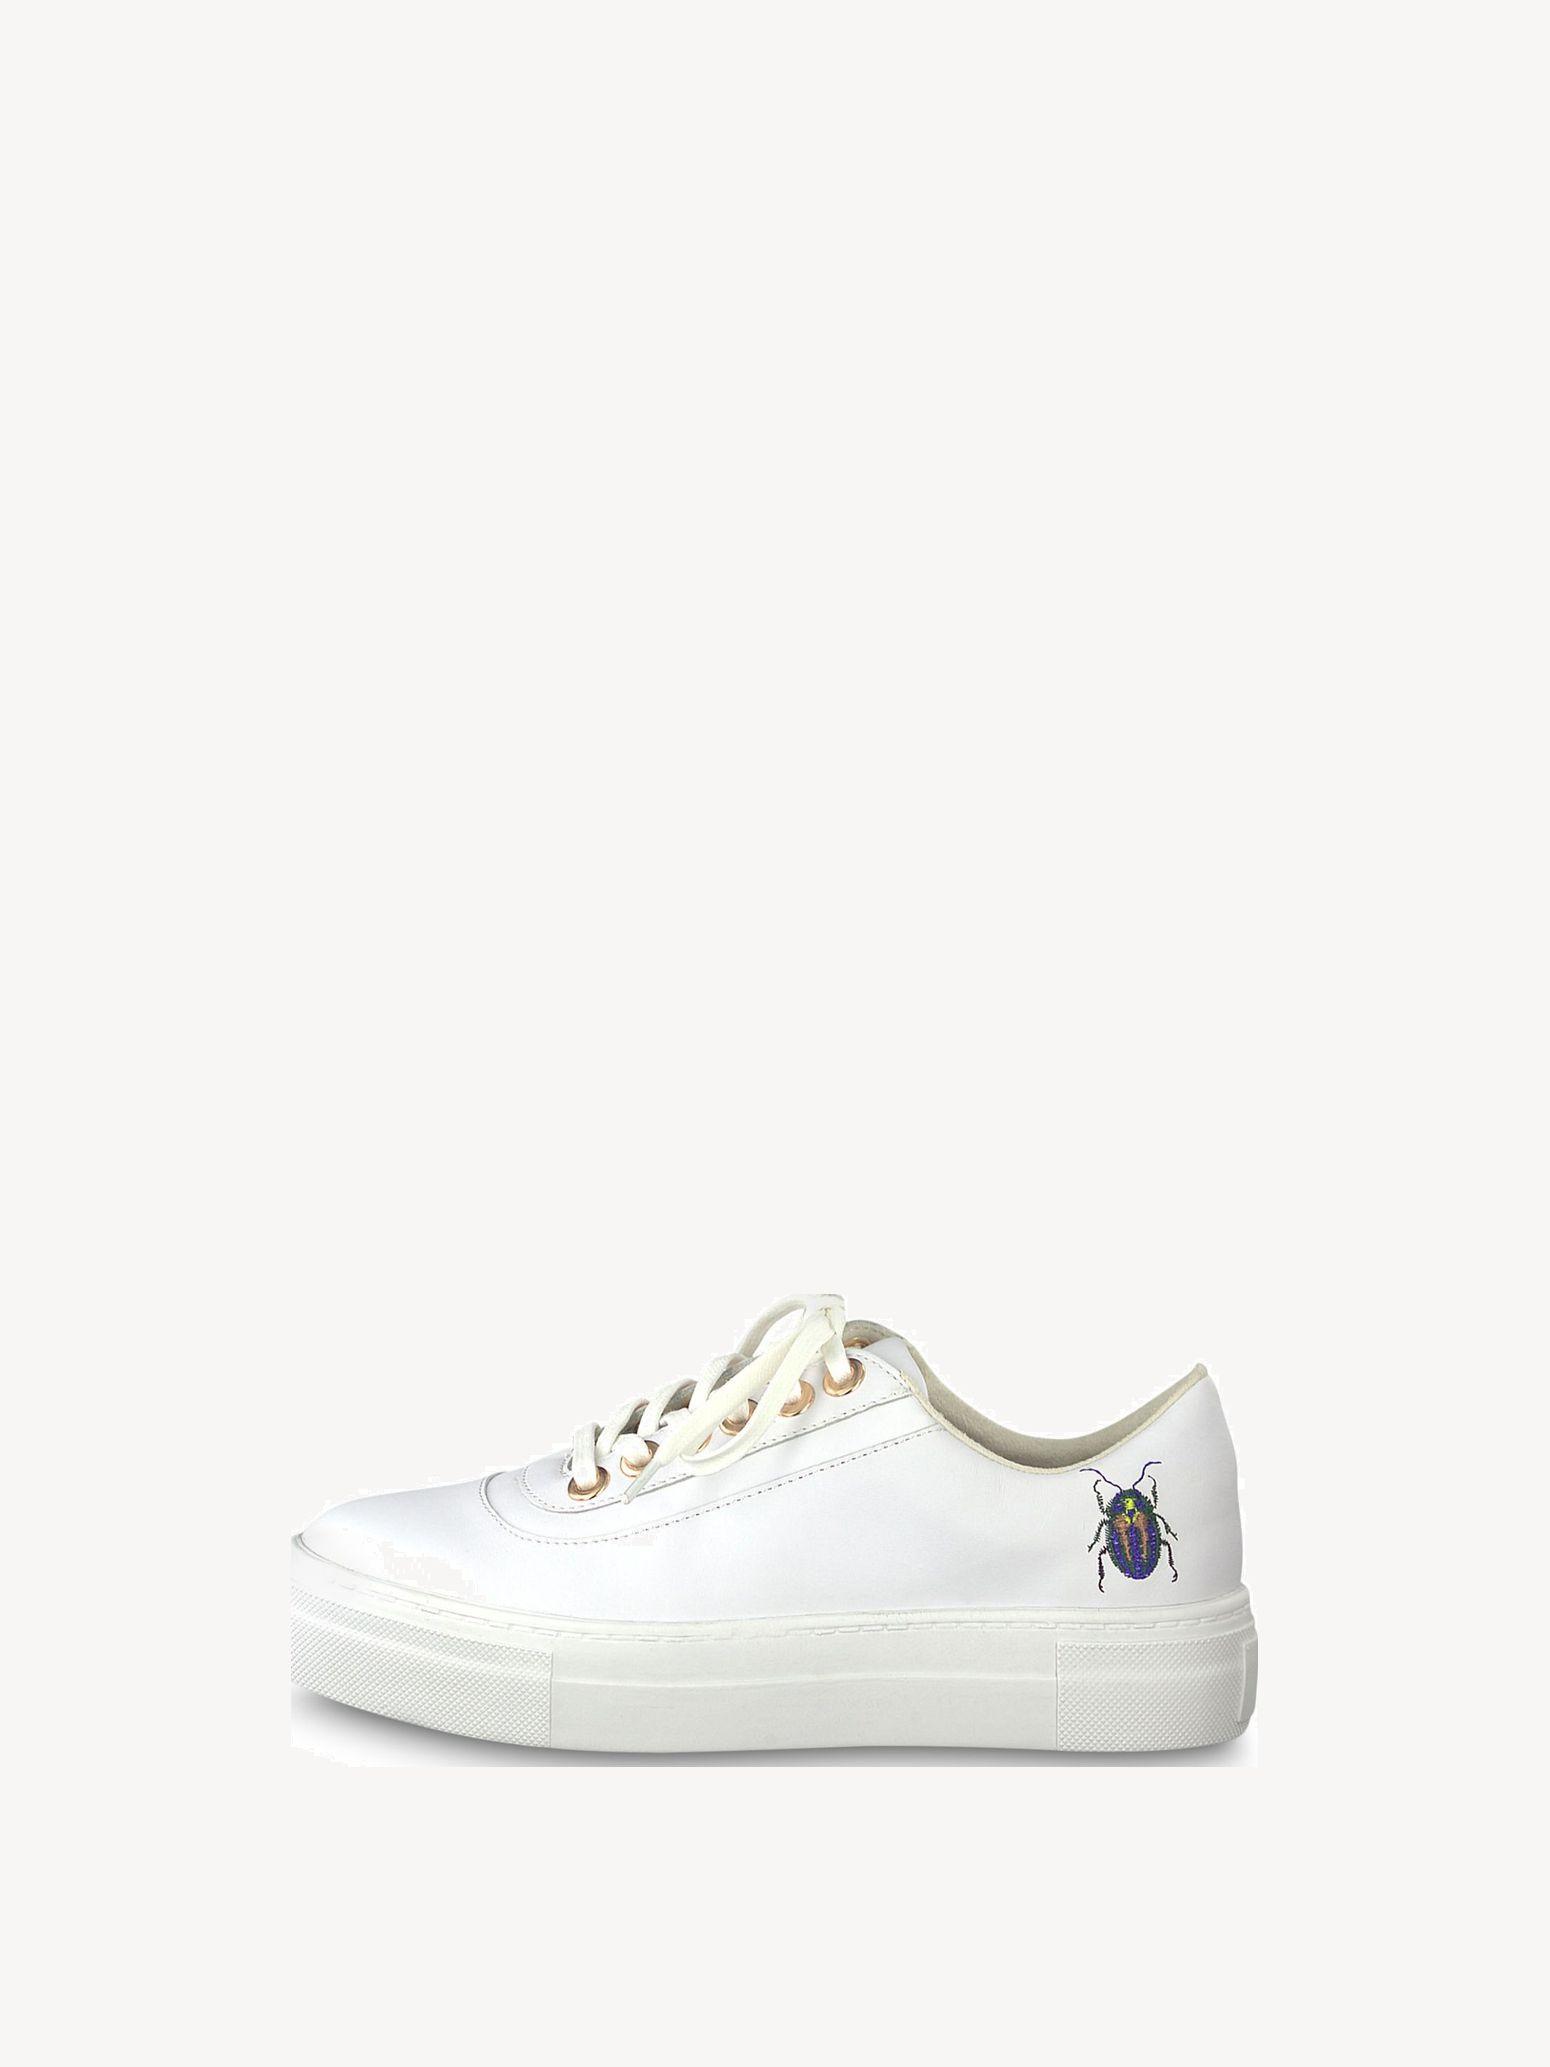 Costo Sneakers TAMARIS - 1-23746 Tienda Online De Italia Tienda Barata El Precio Más Bajo Sast Venta En Línea TfkK5kgU3